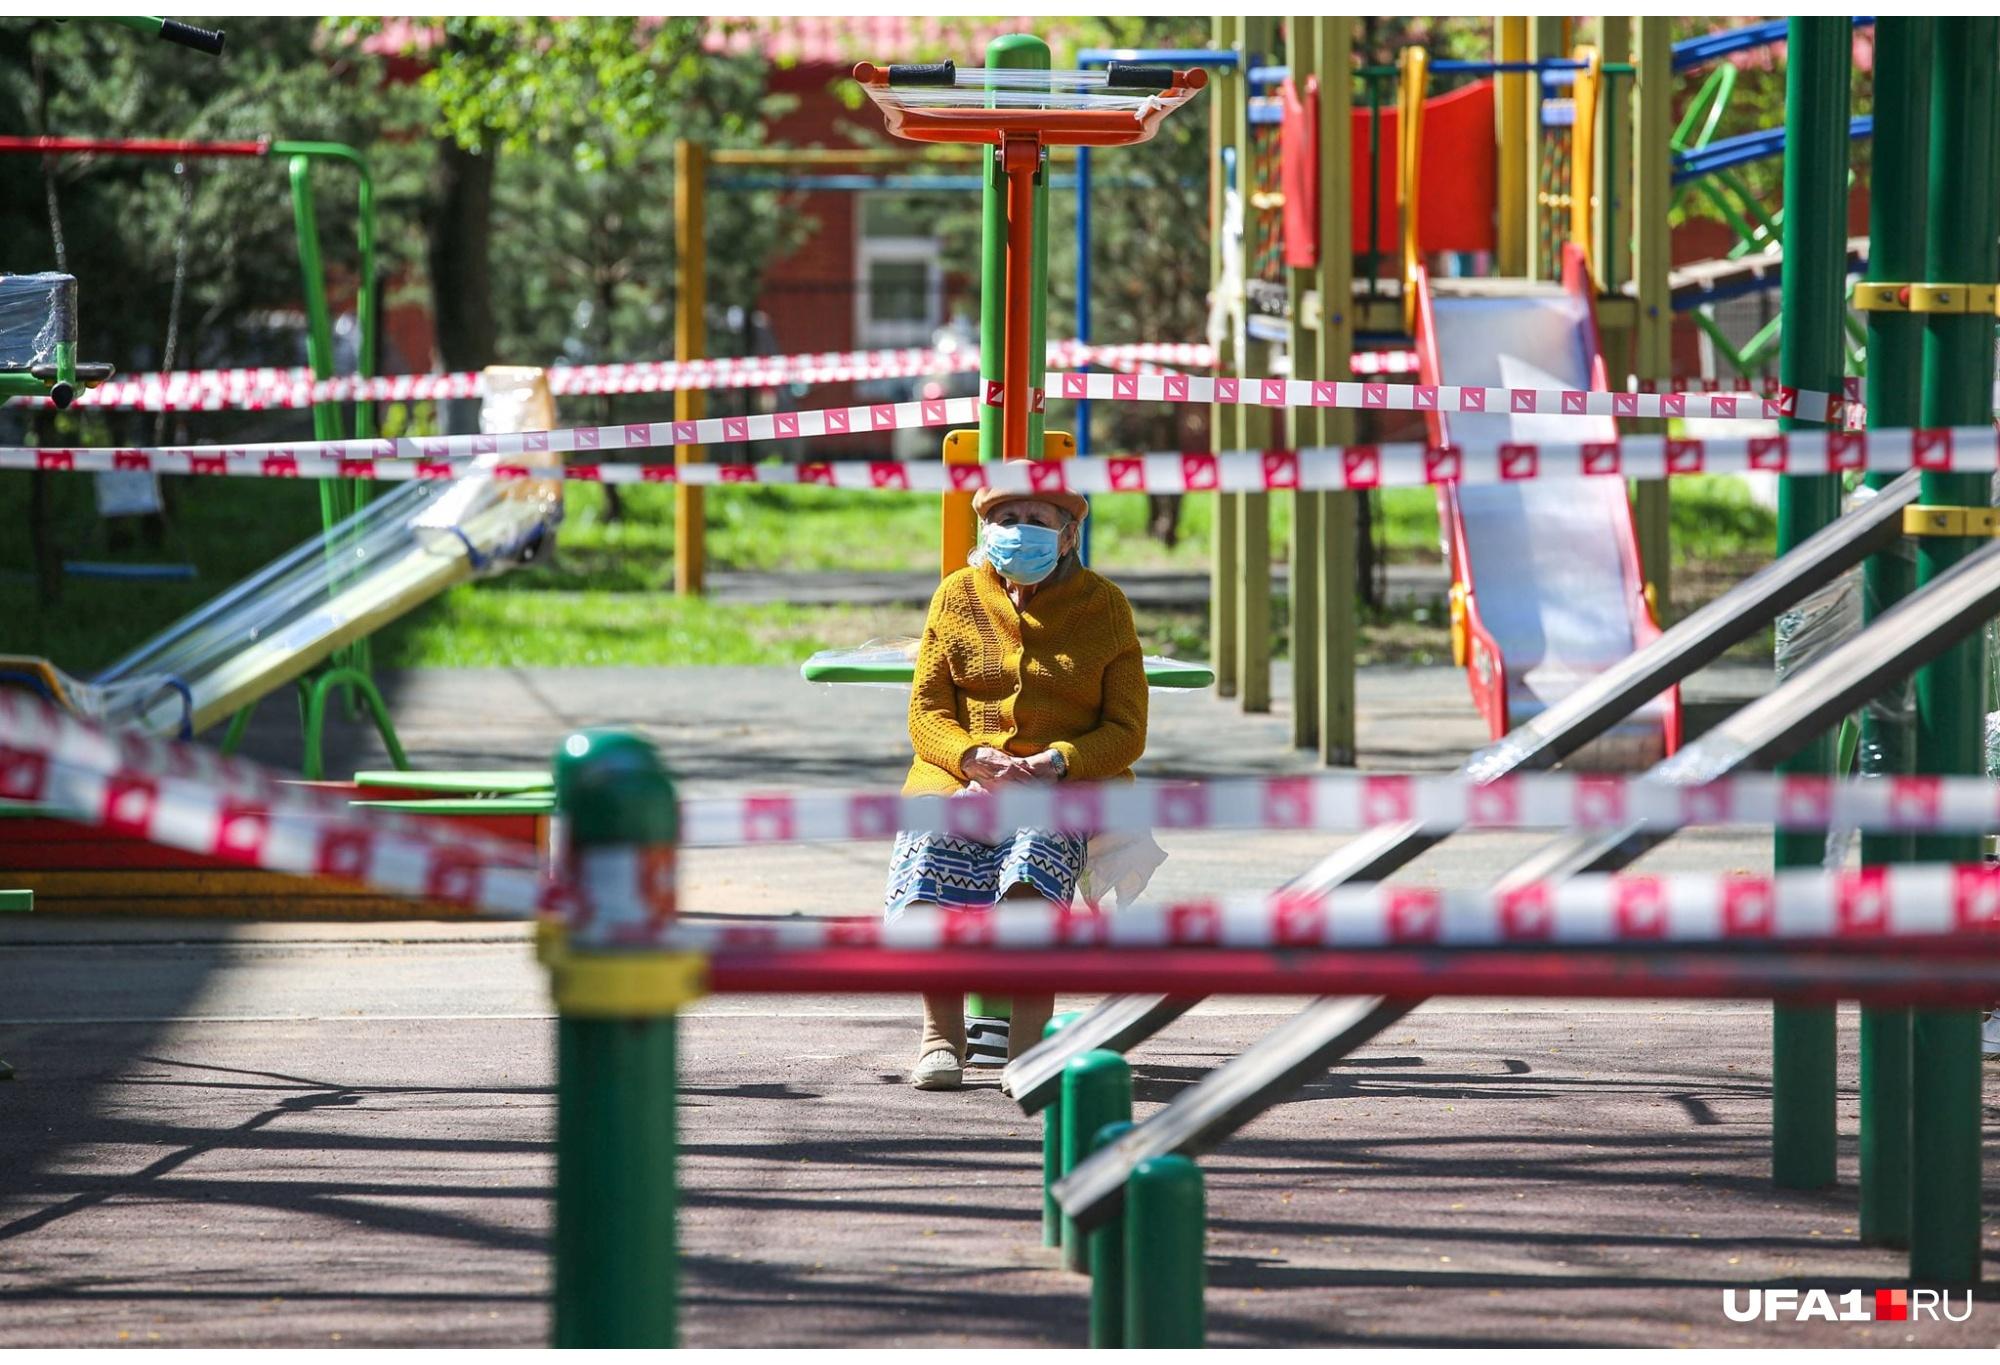 День Победы Уфа, как и вся страна, отметила в условиях самоизоляции. Пенсионерам в этом году пришлось особенно нелегко, ведь они оказались в зоне риска